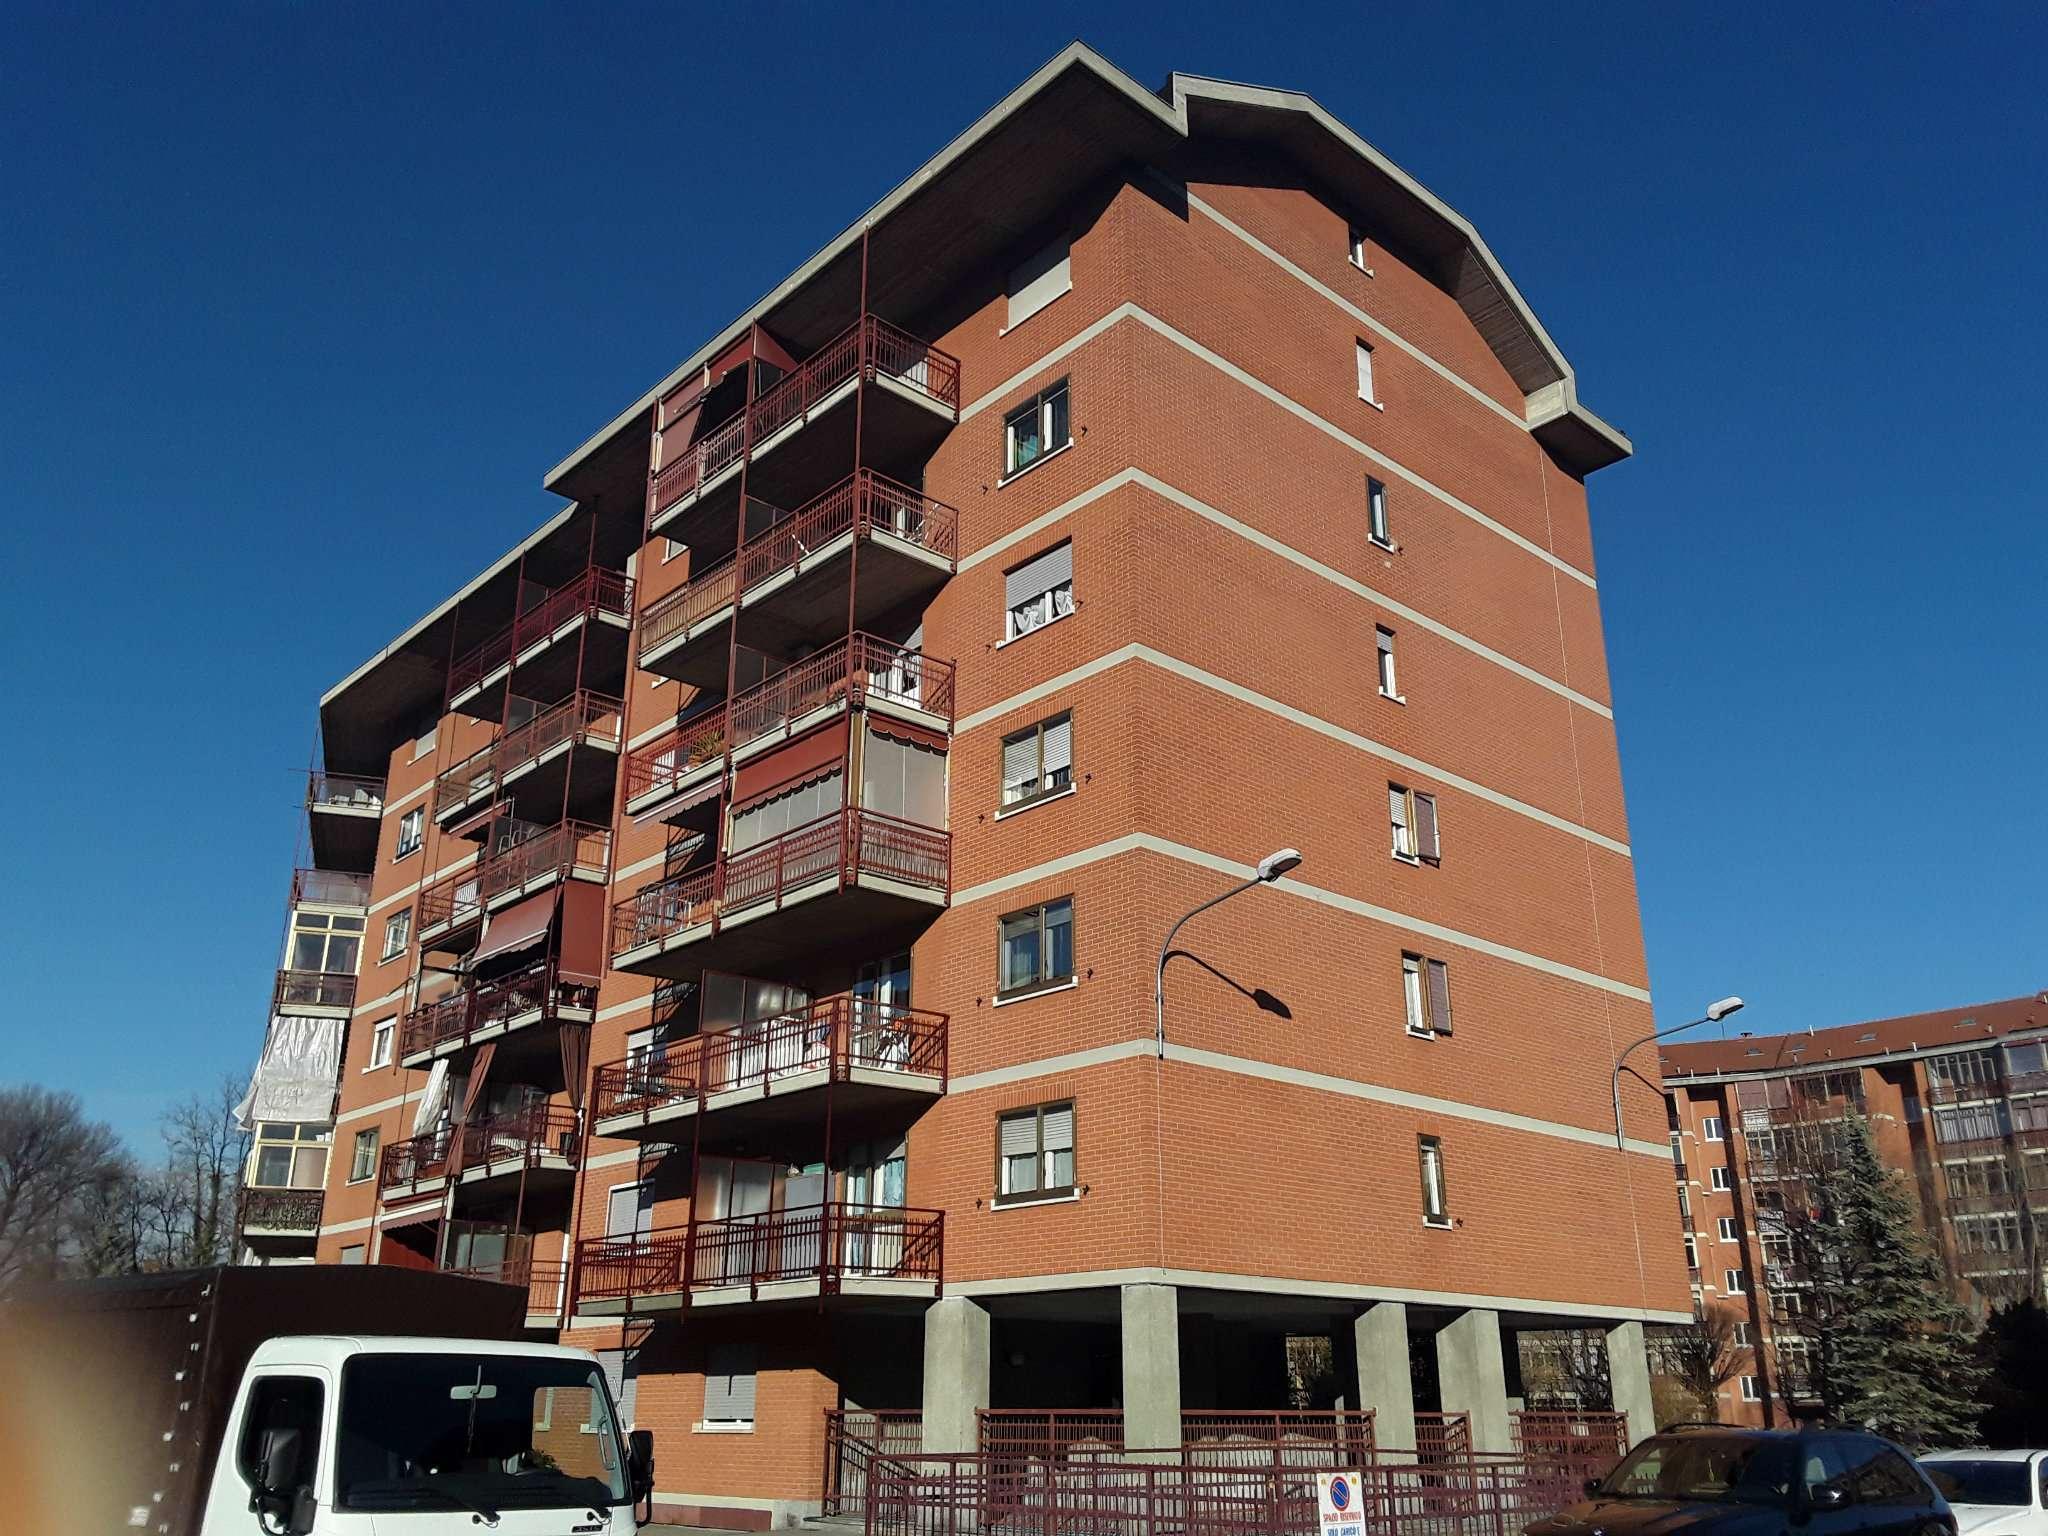 Appartamento in vendita a Alpignano, 2 locali, prezzo € 125.000 | CambioCasa.it